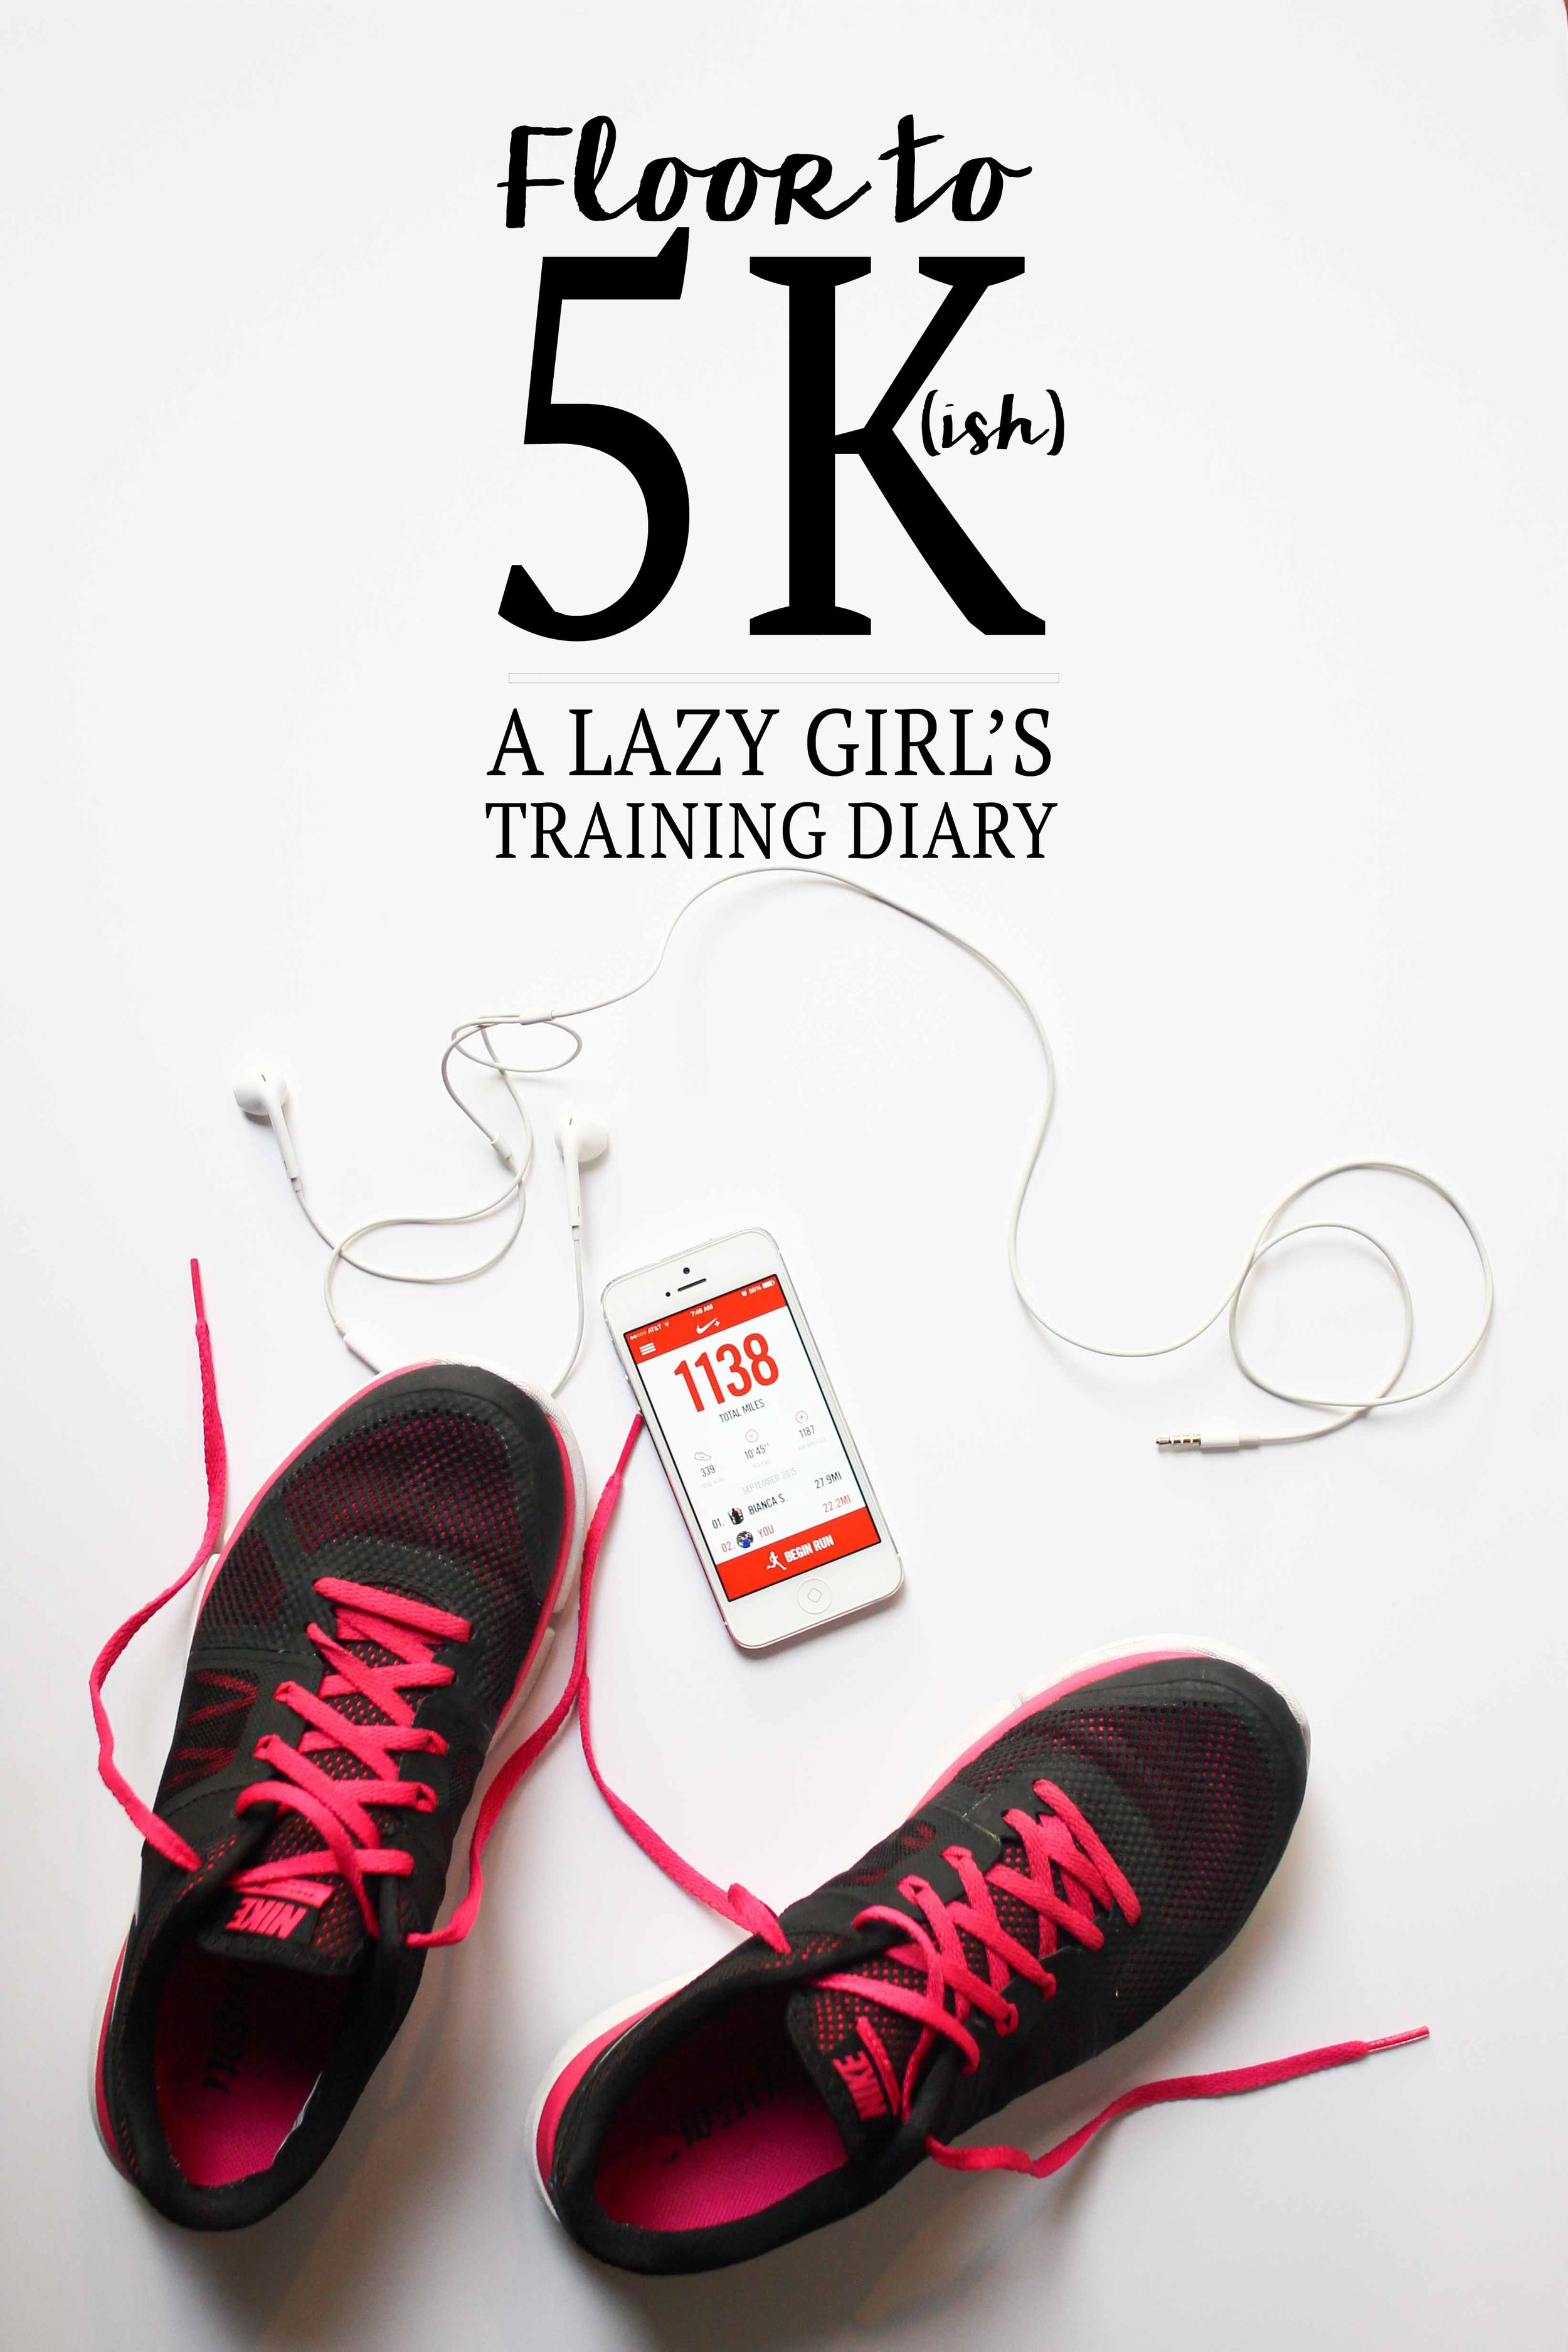 Floor to 5K: Training in One Week